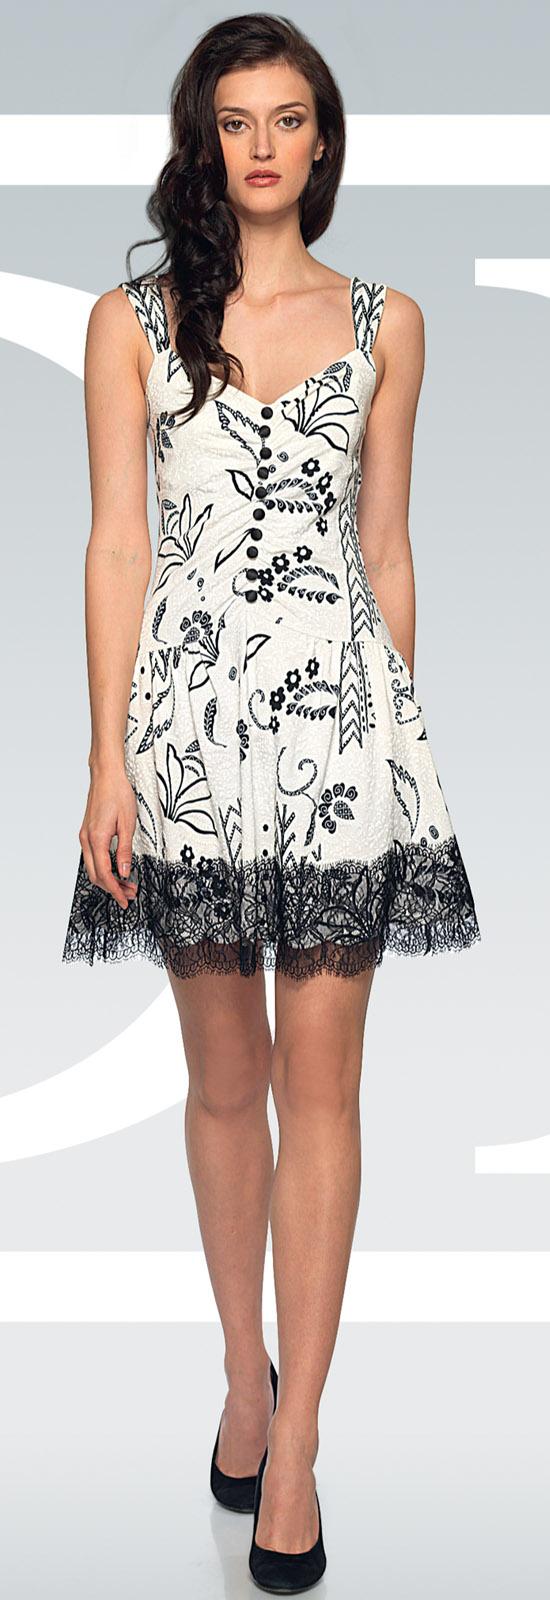 Деворе Женская Одежда Купить В Интернет Магазине